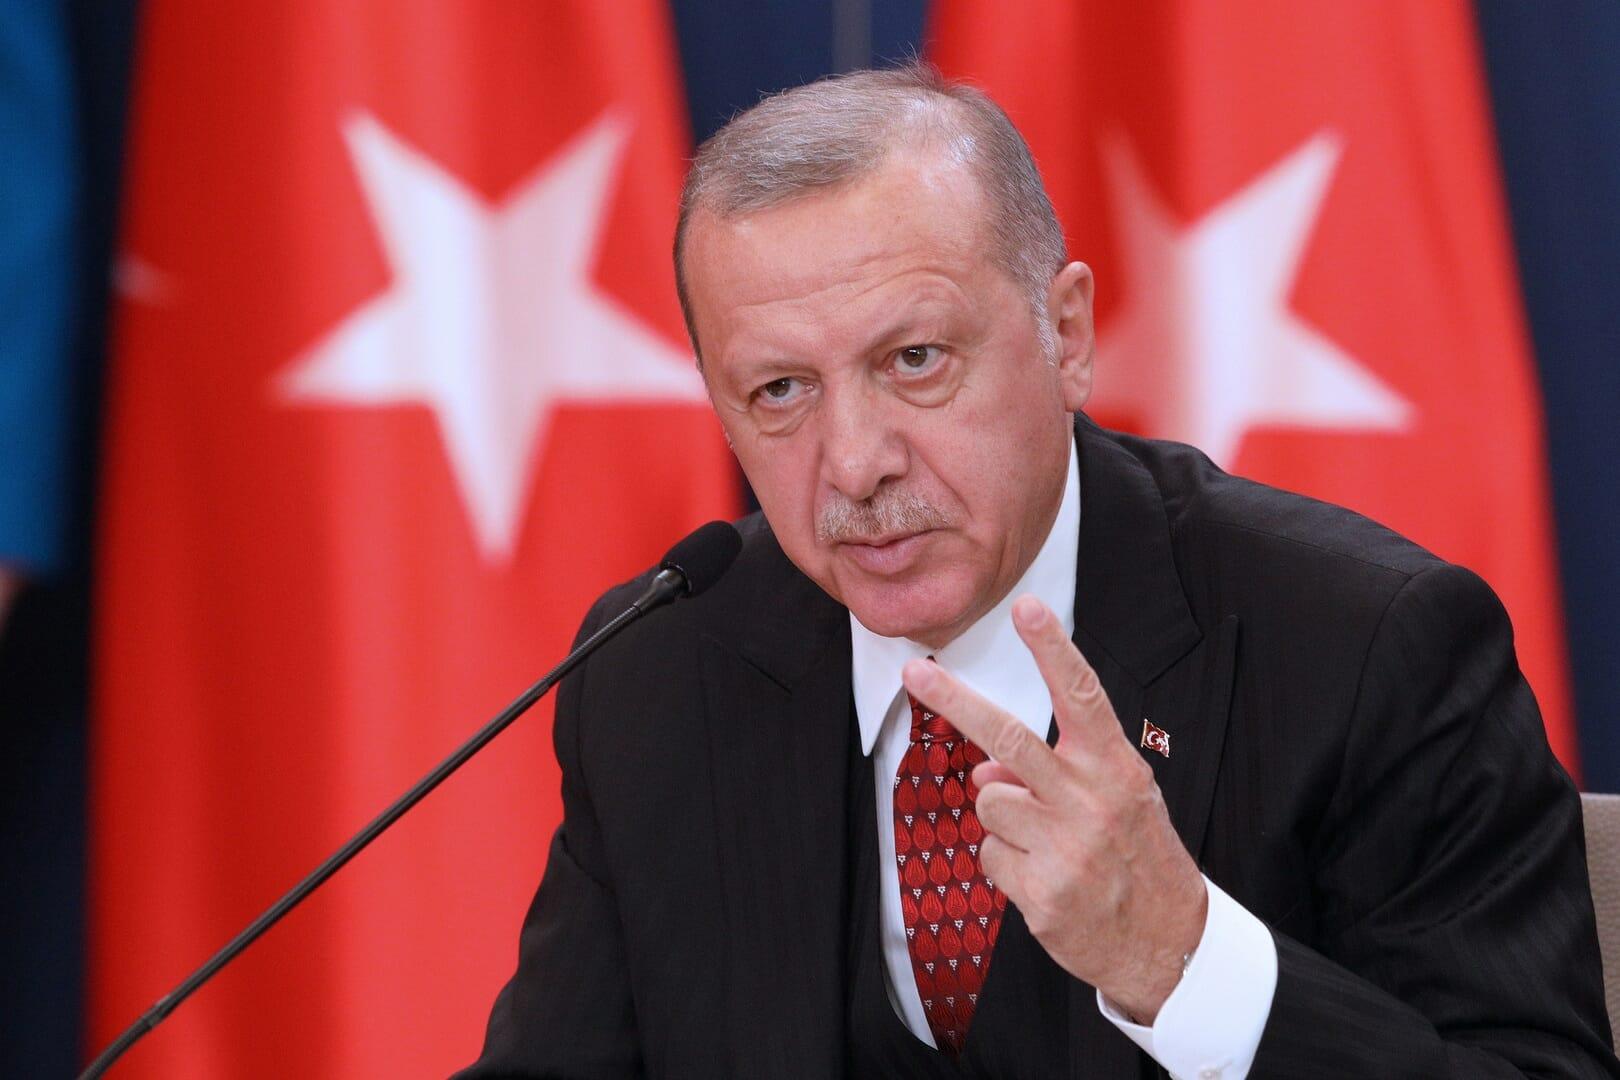 أكاديمي إماراتي يحذر أردوغان من غدر ابن سلمان: لهذا السبب تسعى السعودية للصلح مع تركيا